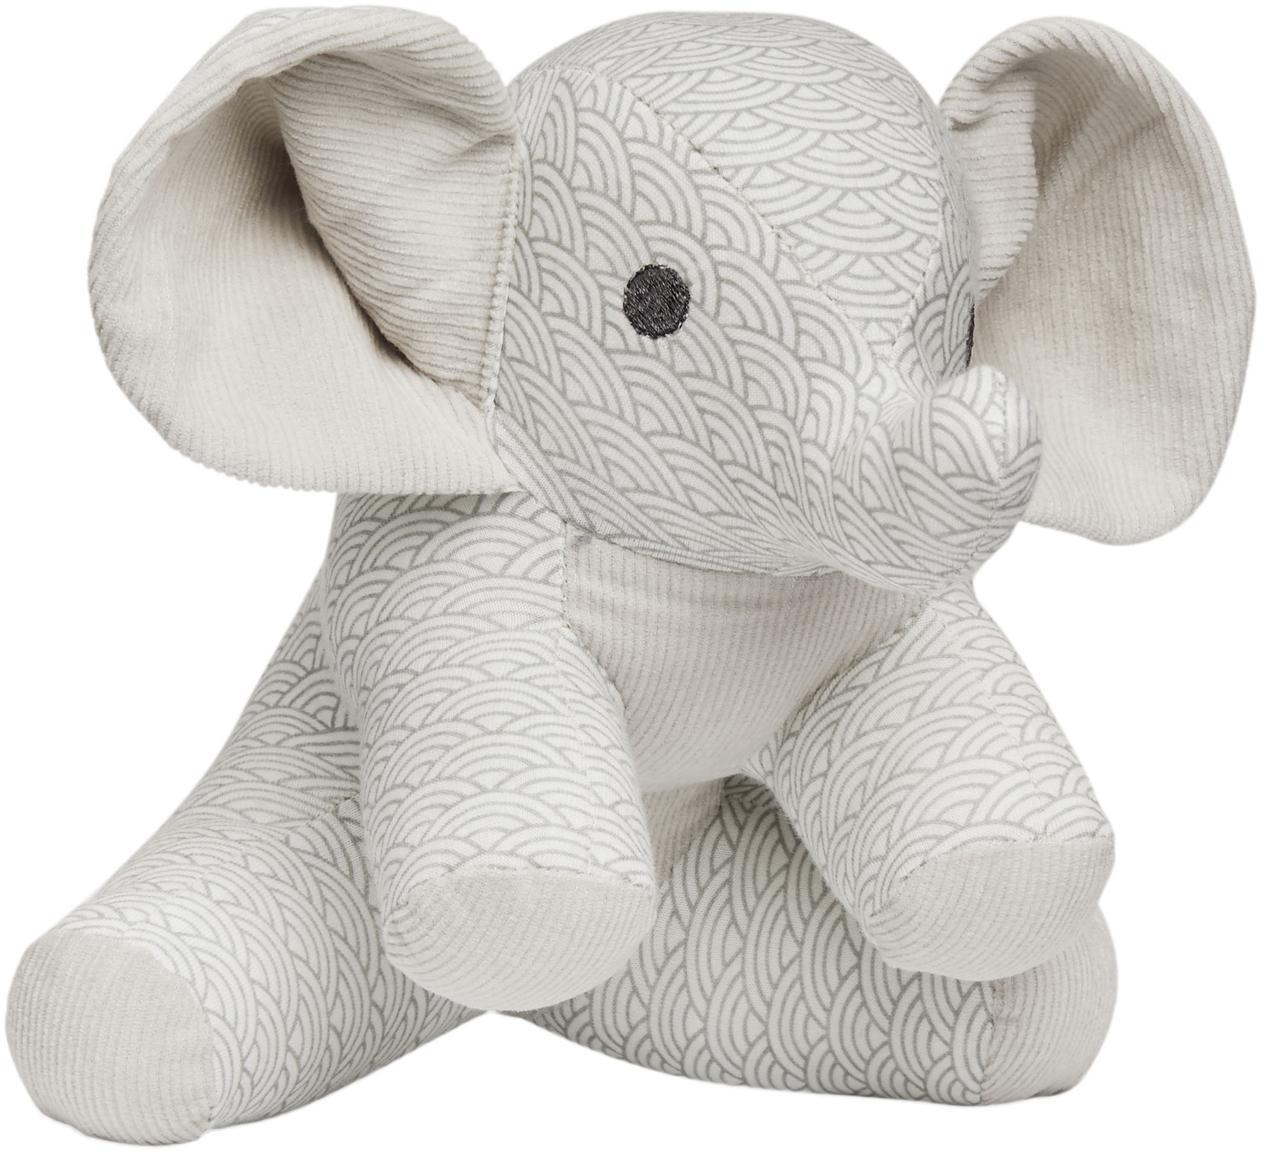 Kuscheltier Elephant aus Bio-Baumwolle, Bezug: Bio-Baumwolle, Grau, Weiß, Hellgrau, 20 x 21 cm